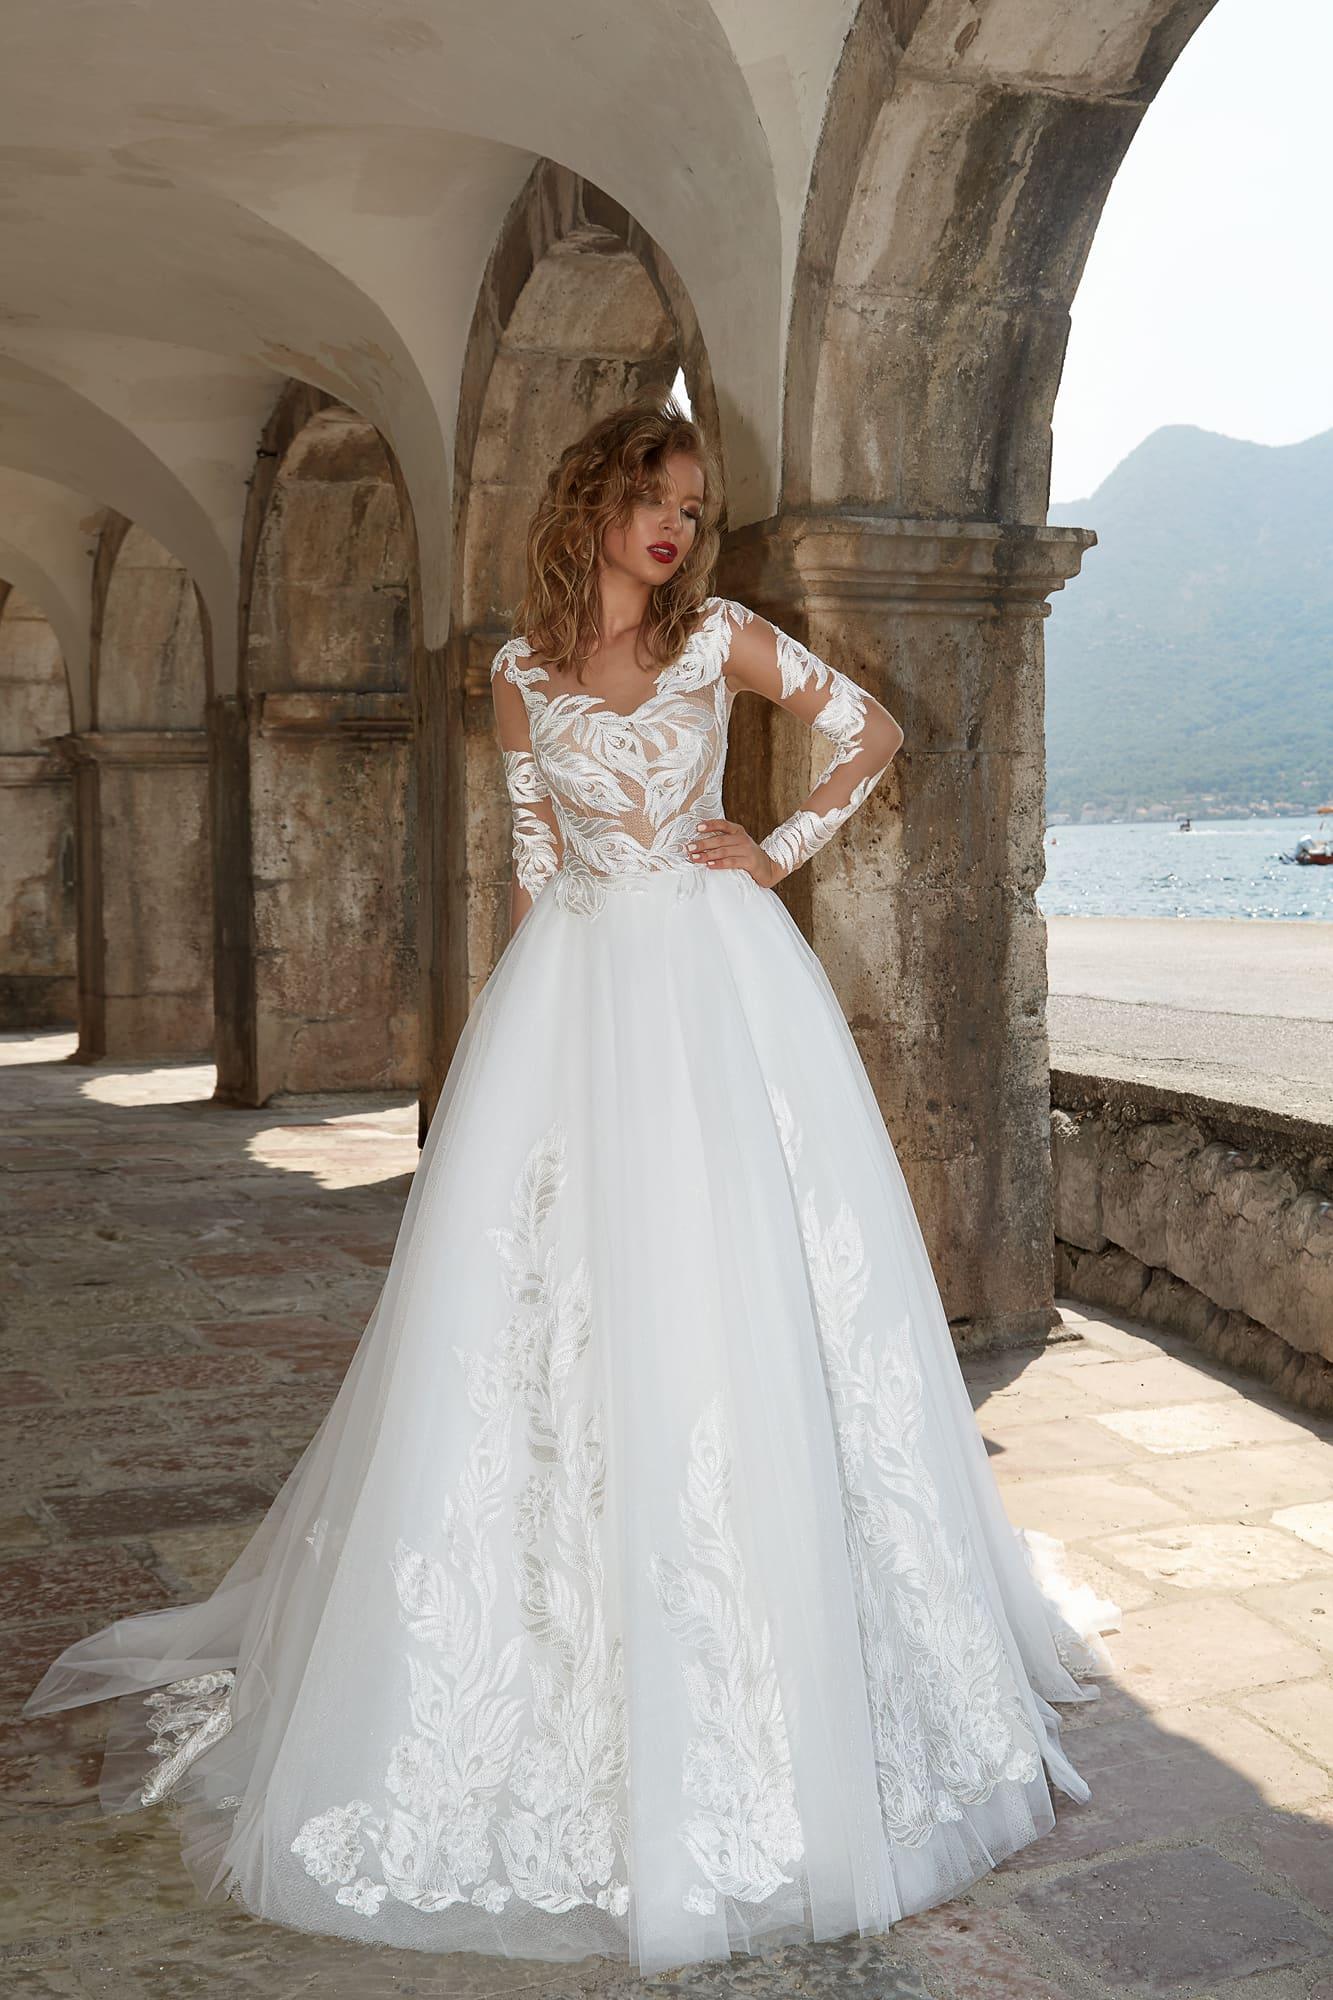 Пышное свадебное платье с полупрозрачными рукавами и эффектным глянцевым декором.